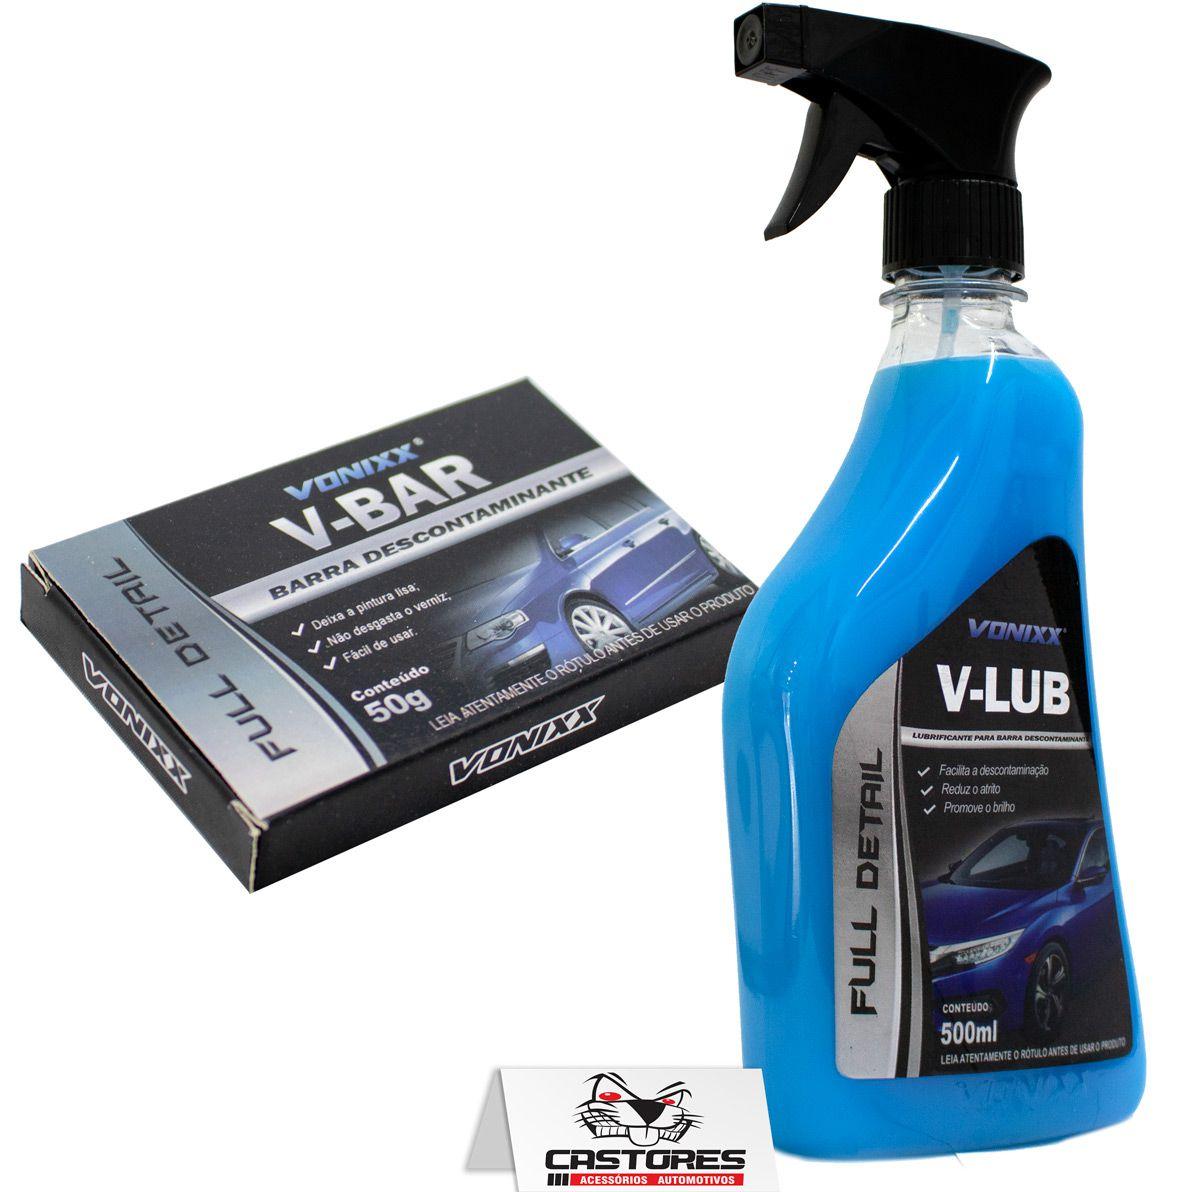 Kit descontaminação da pintura v-bar 50g + v-lub vonixx